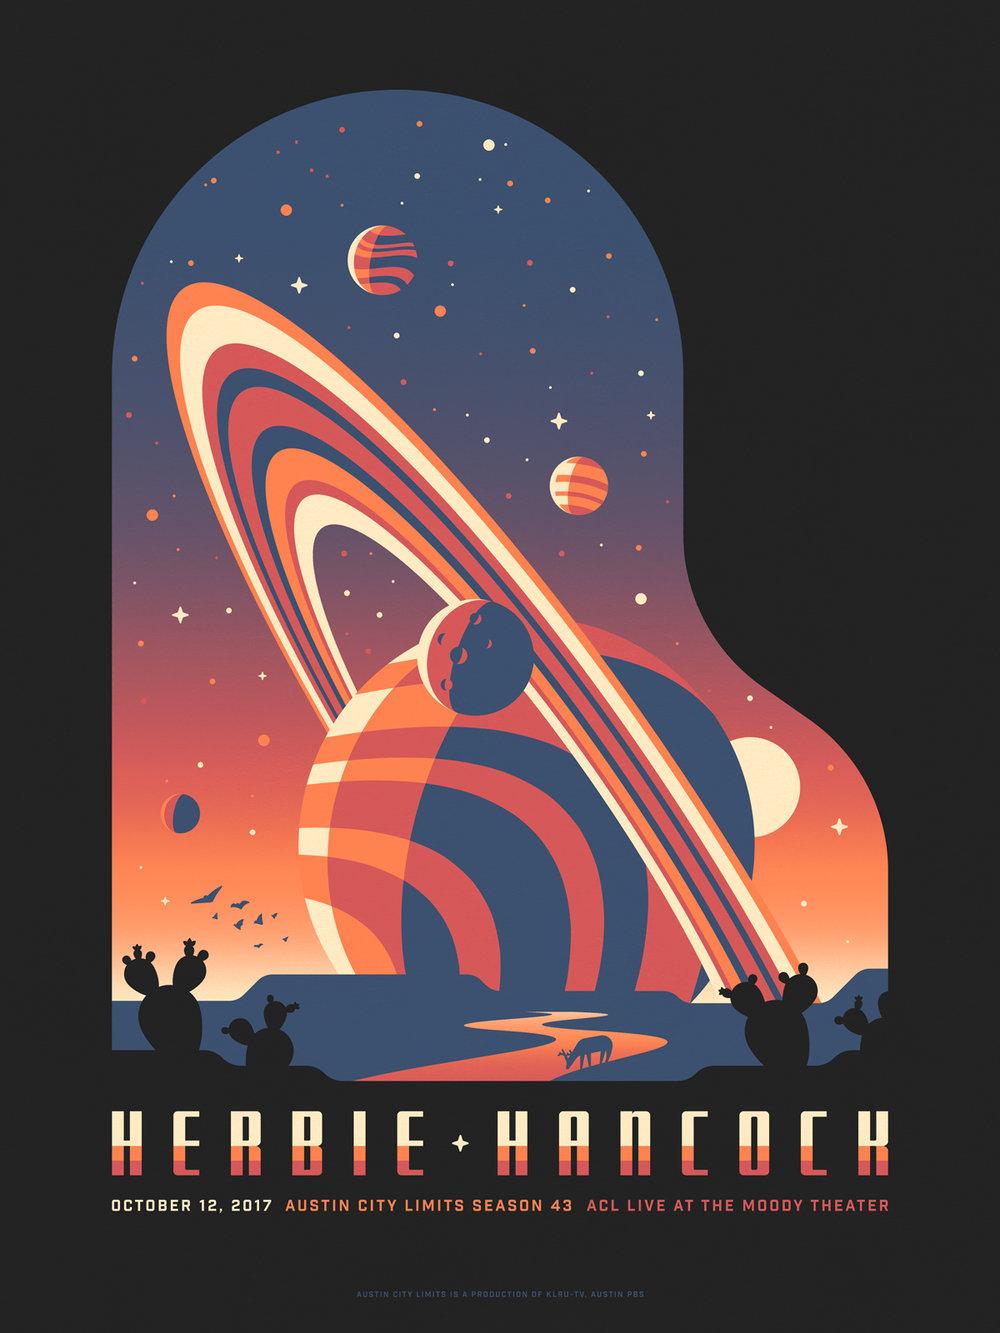 Herbie+Hancock+poster+by+DKNG.jpg